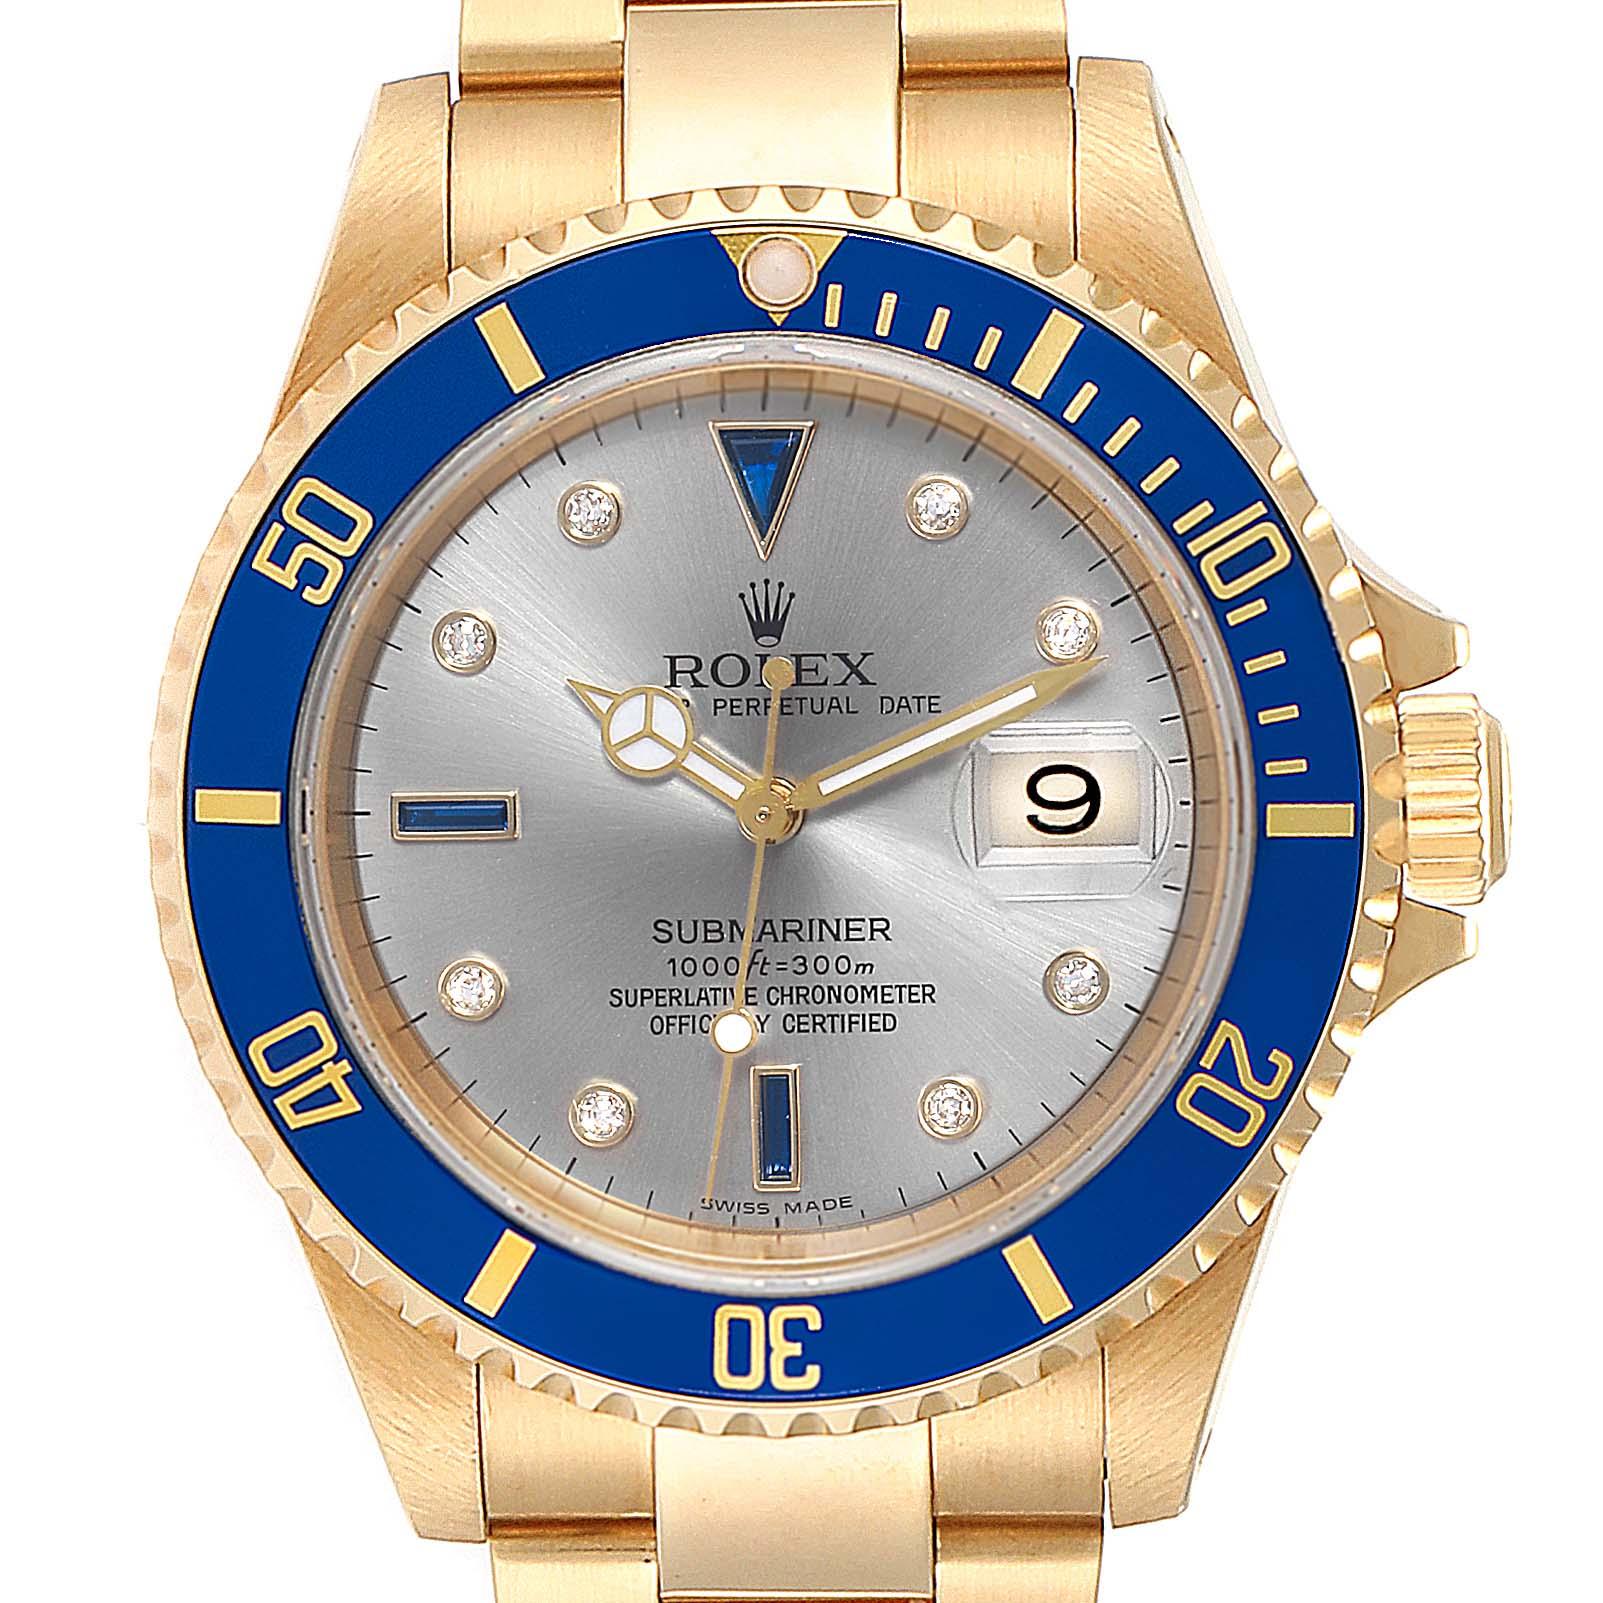 Rolex Submariner Yellow Gold Diamond Sapphire Serti Dial Watch 16618 SwissWatchExpo